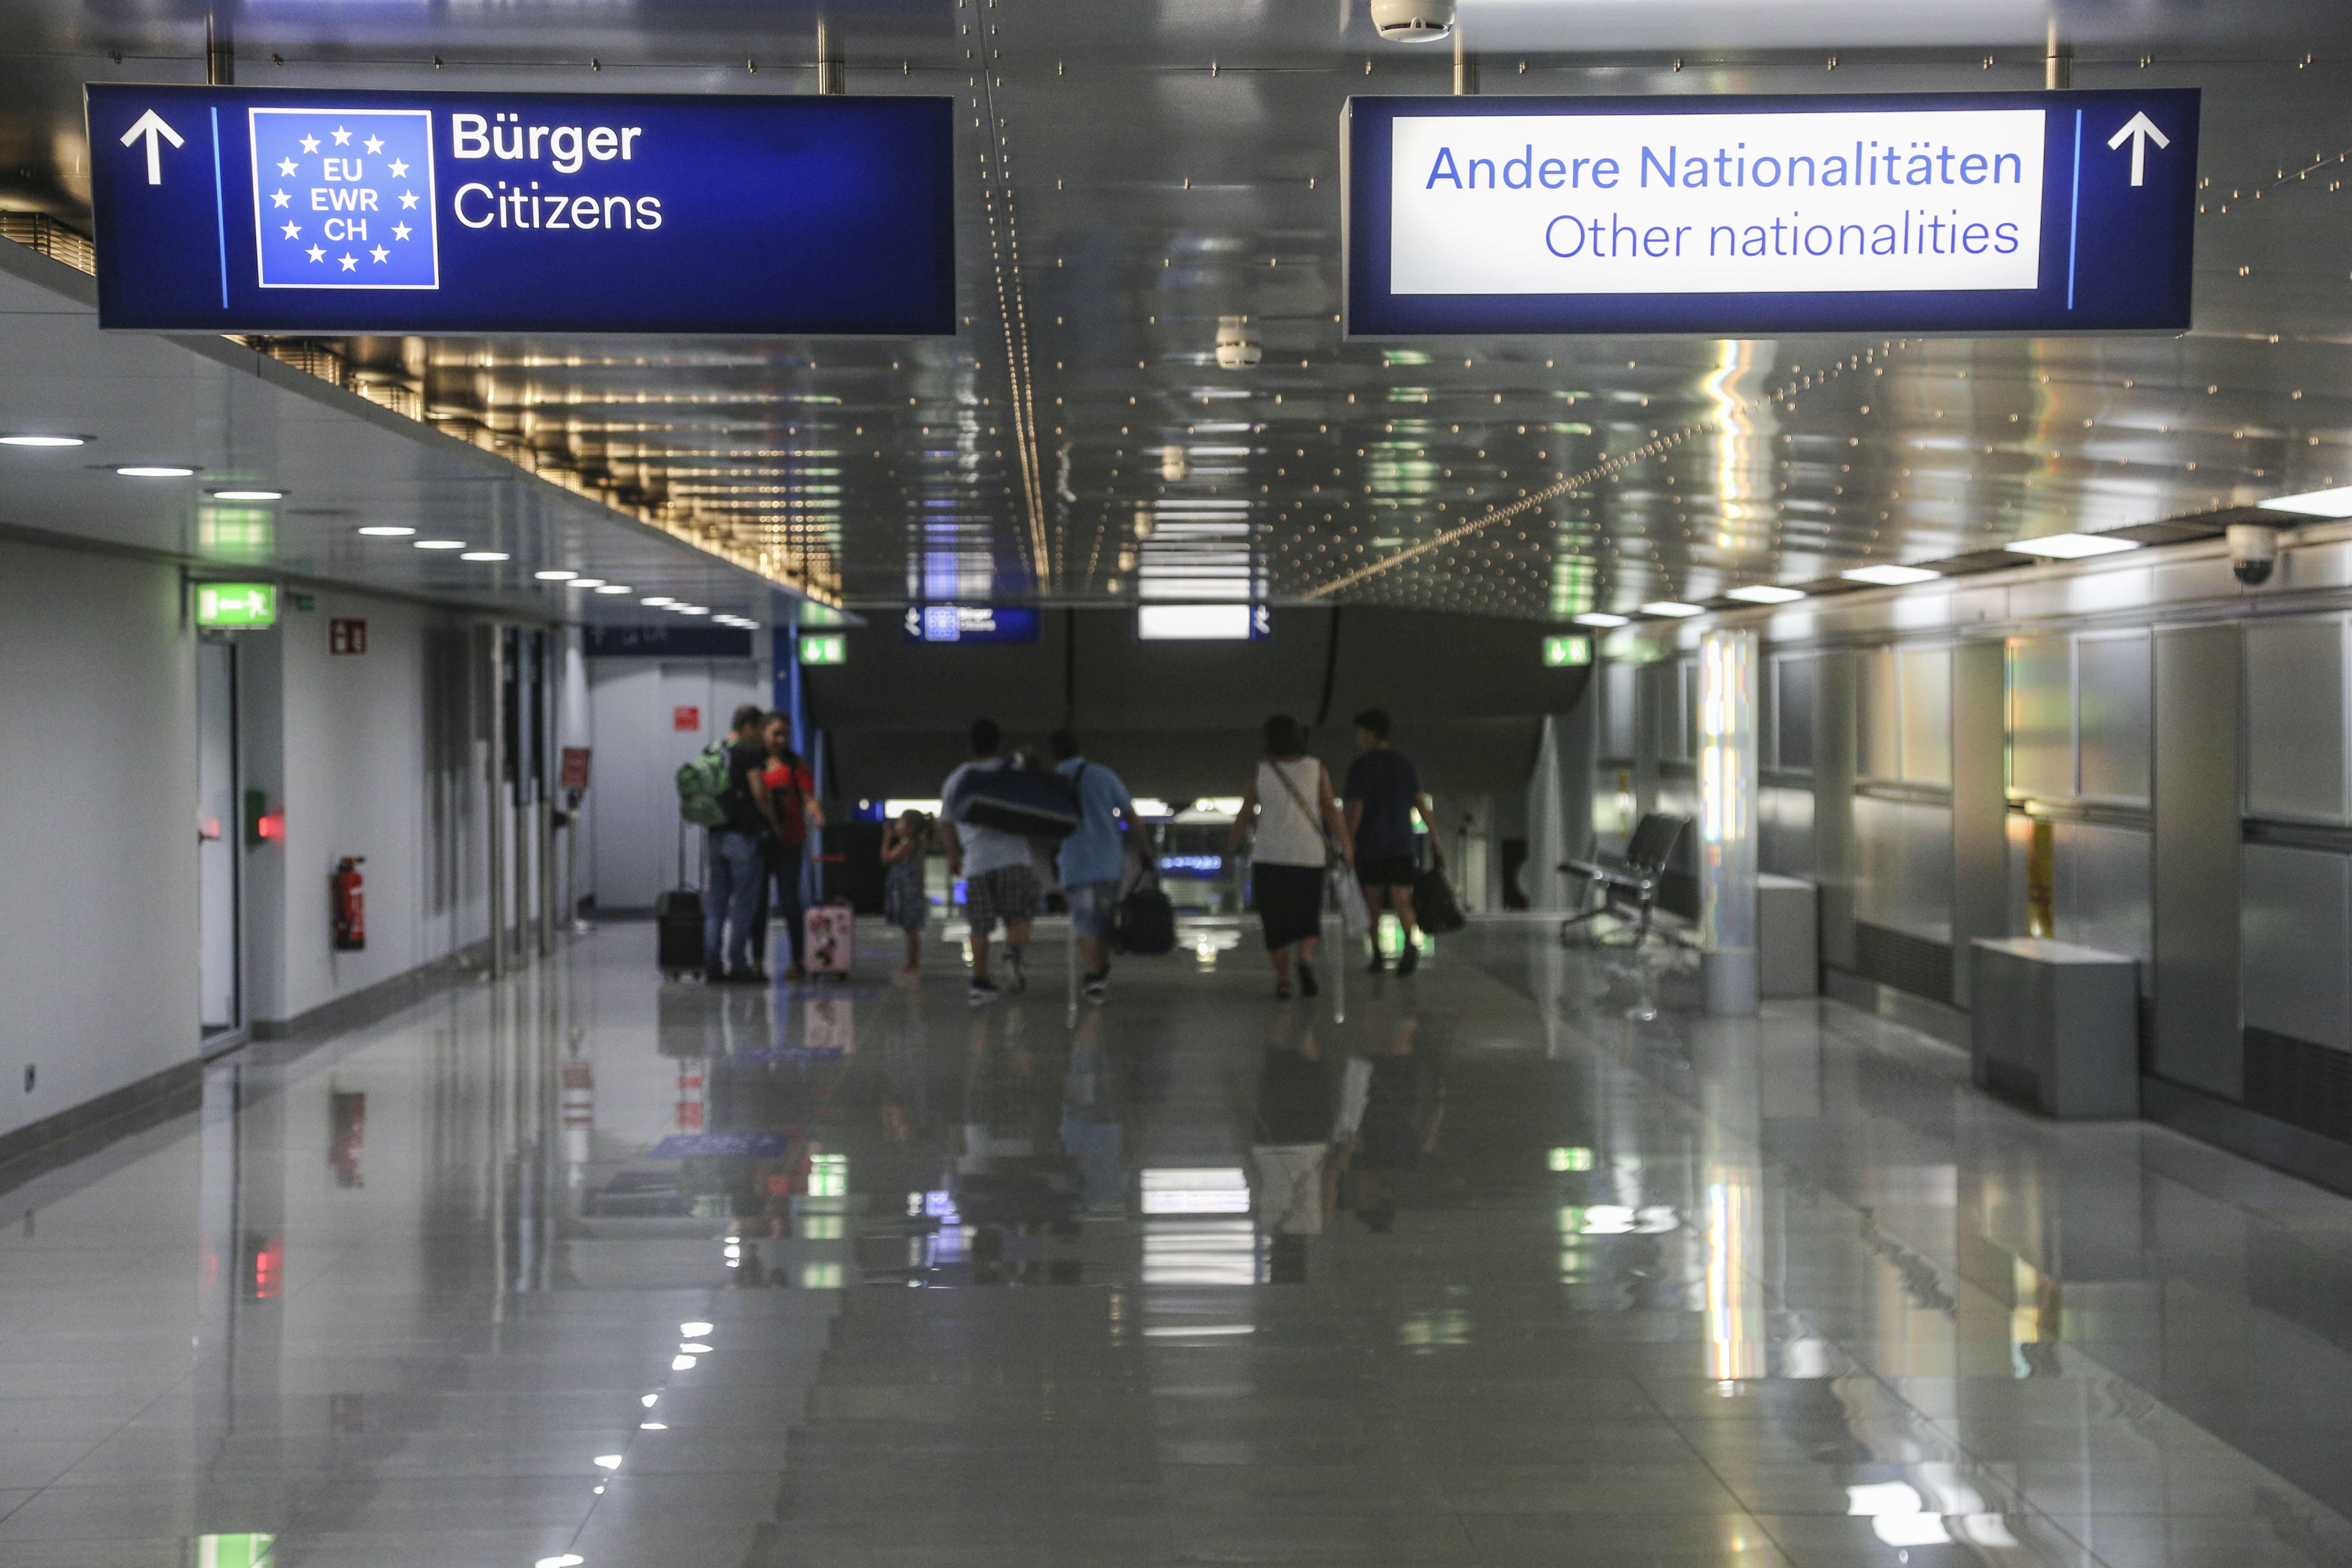 Allemagne: Des députés marocains bloqués à l'aéroport de Francfort, faute de visa